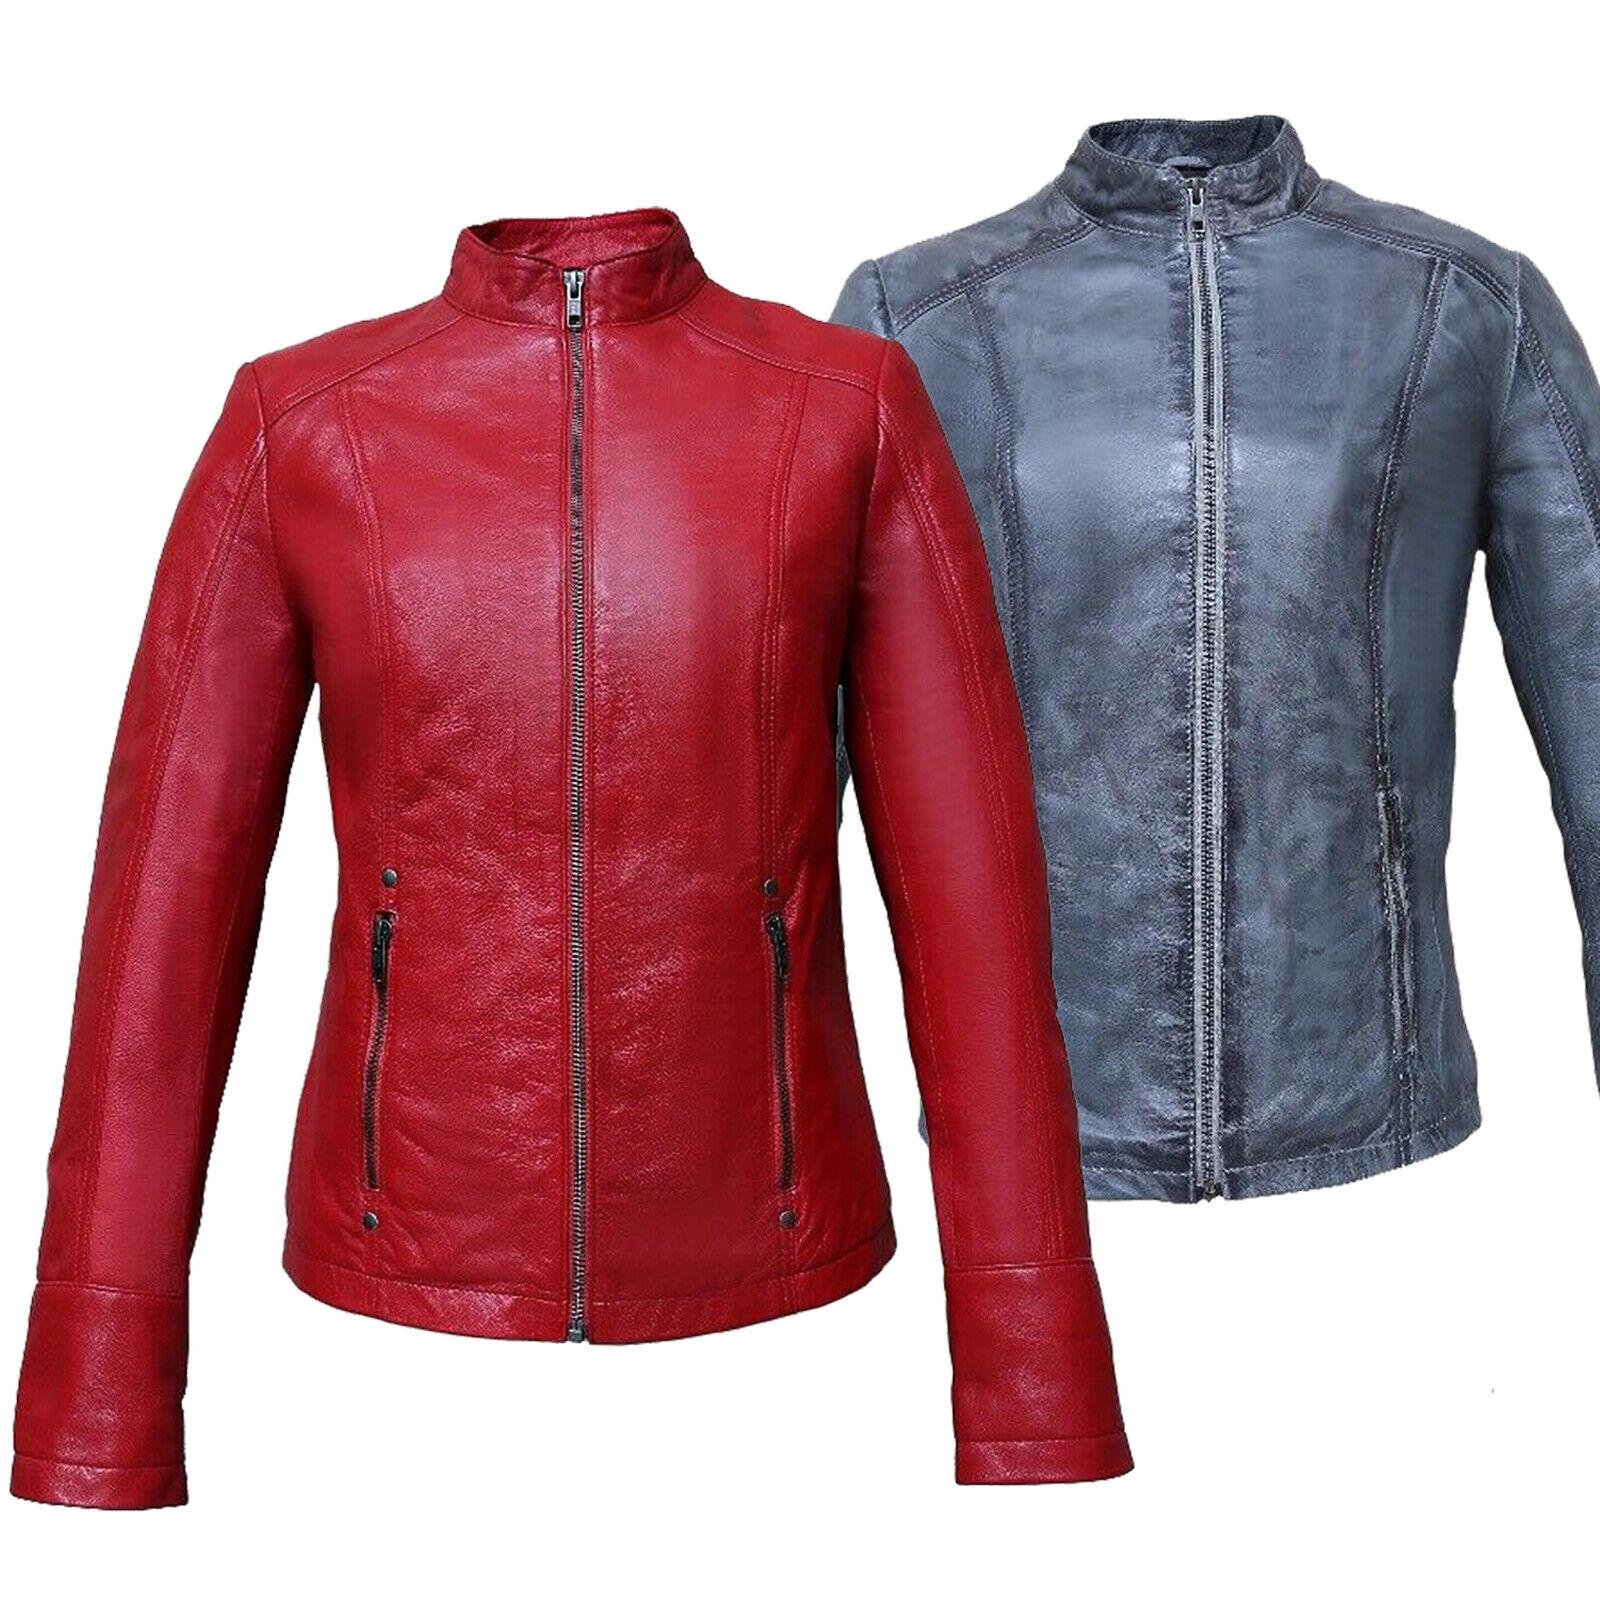 Chaqueta de Cuero de  Moda para Mujer Vintage FJ.01 Rojo, Azul M&H 006  sin mínimo